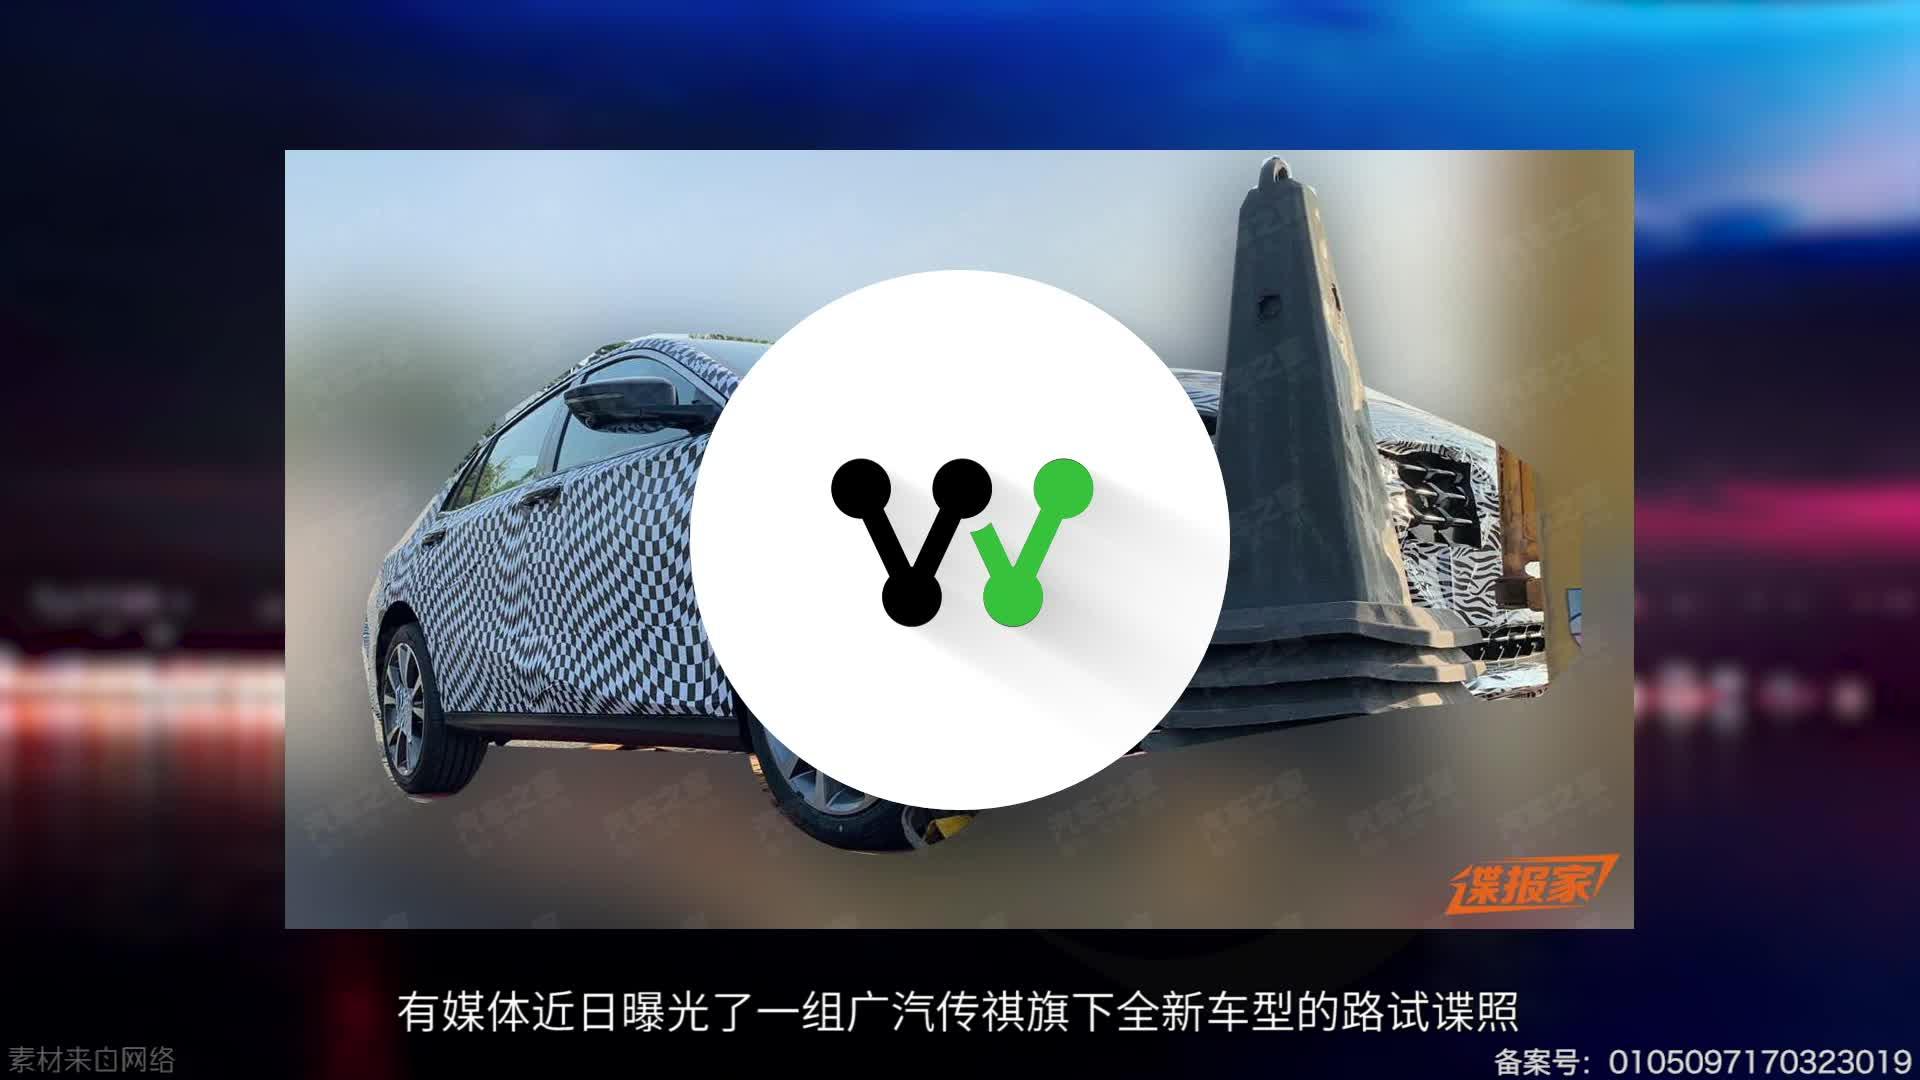 采用溜背的造型设计 广汽传祺全新车型谍照曝光